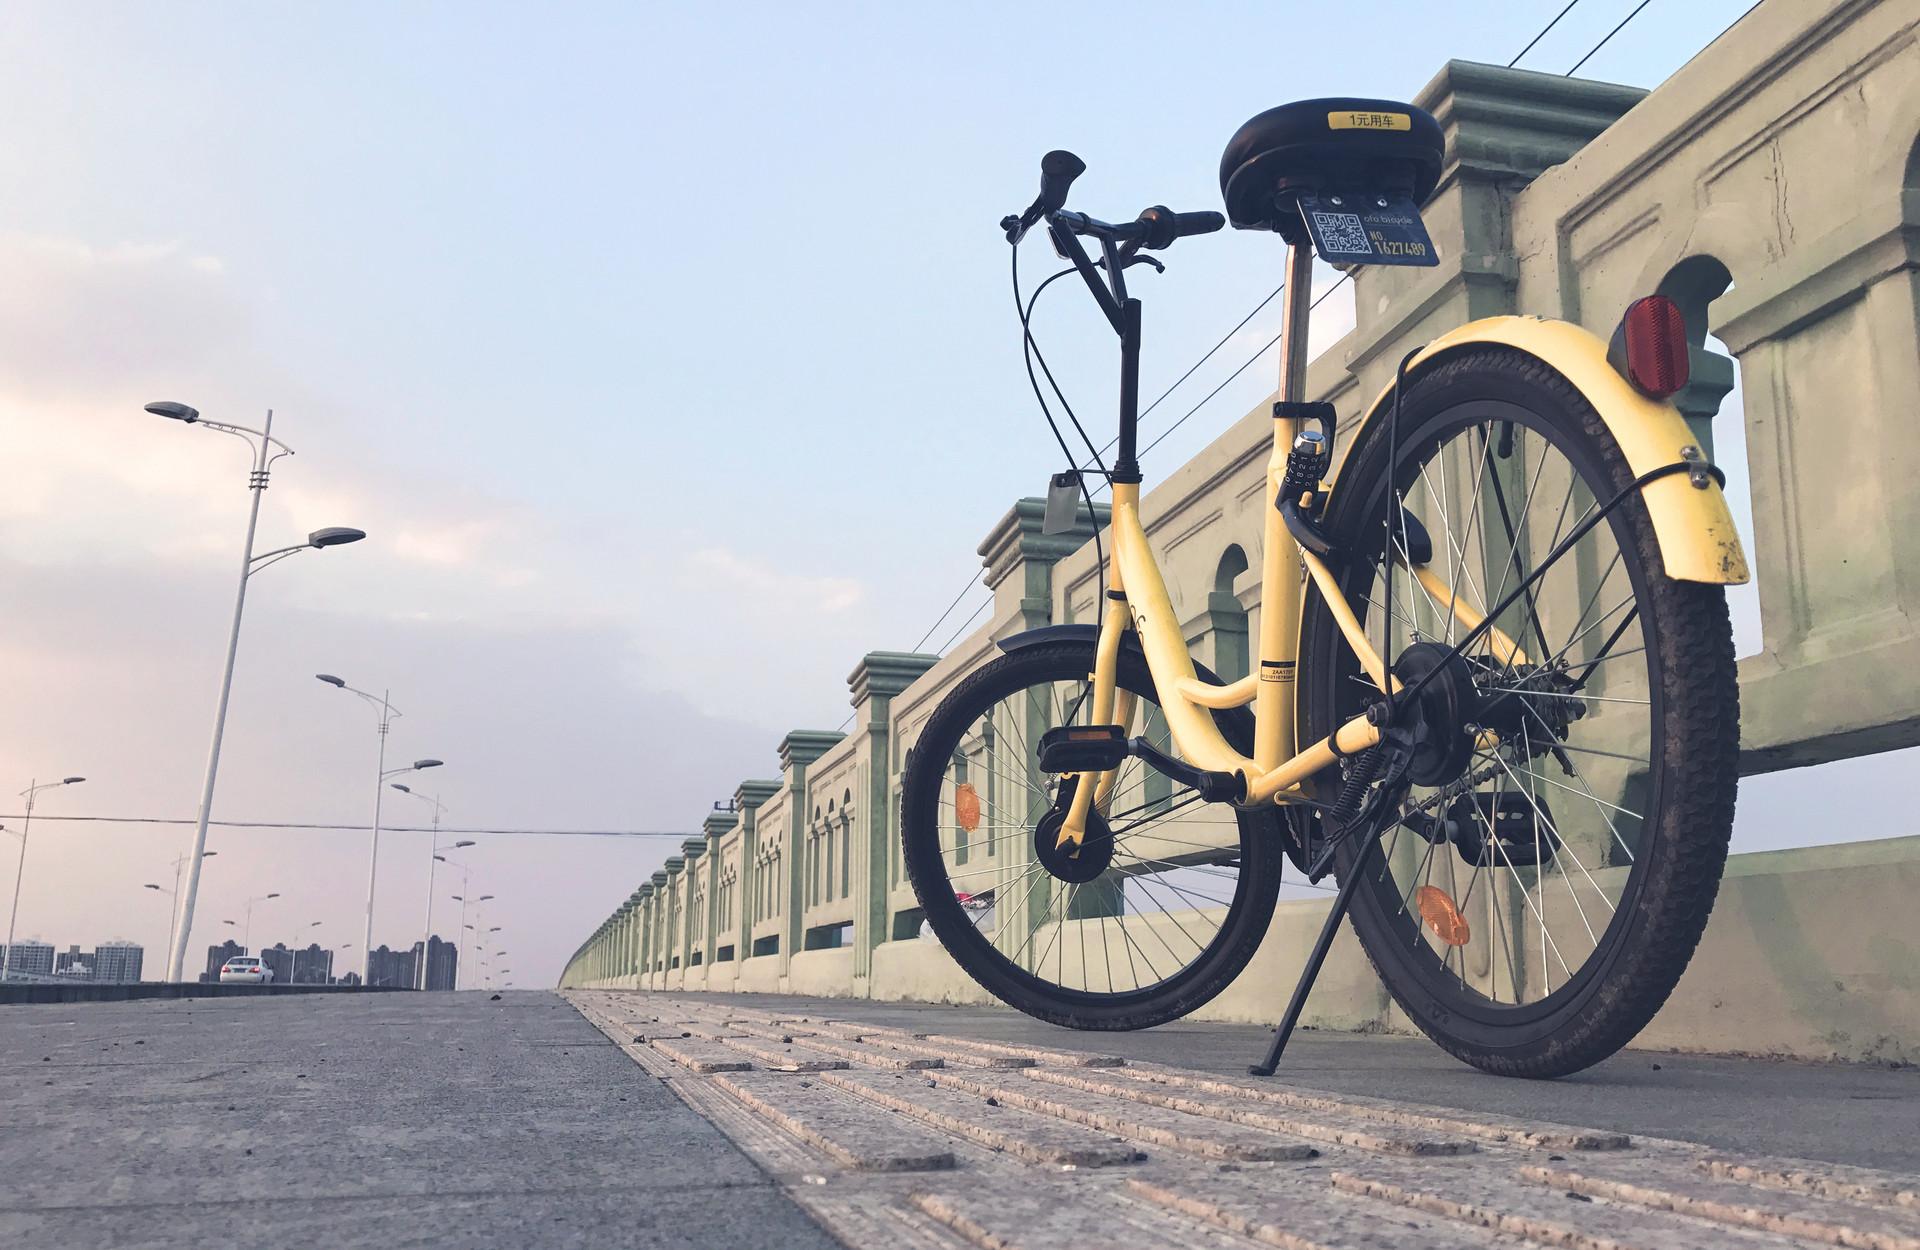 共享单车残局:戴威奋力突围,巨头意兴阑珊